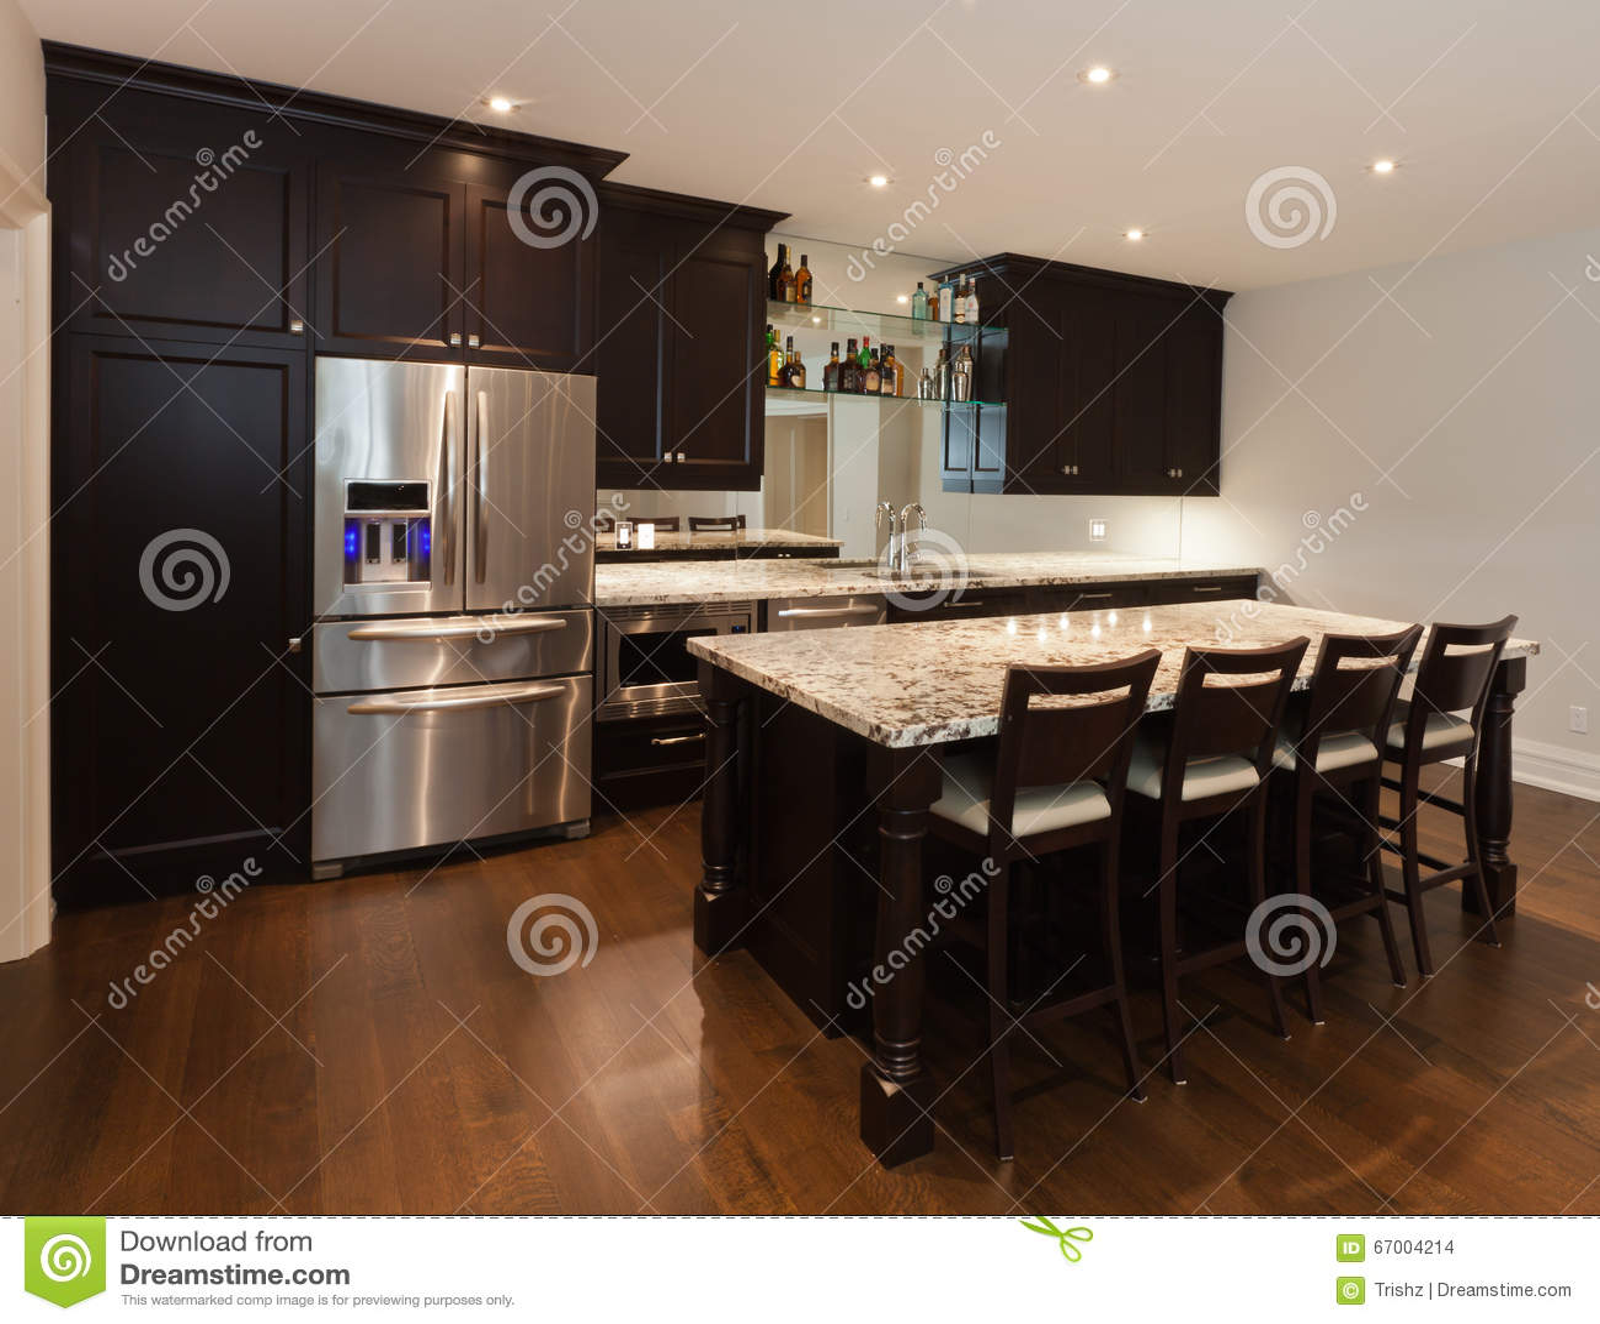 Kellerküche stockfoto. Bild von innen, bezirk, küche - 67004214